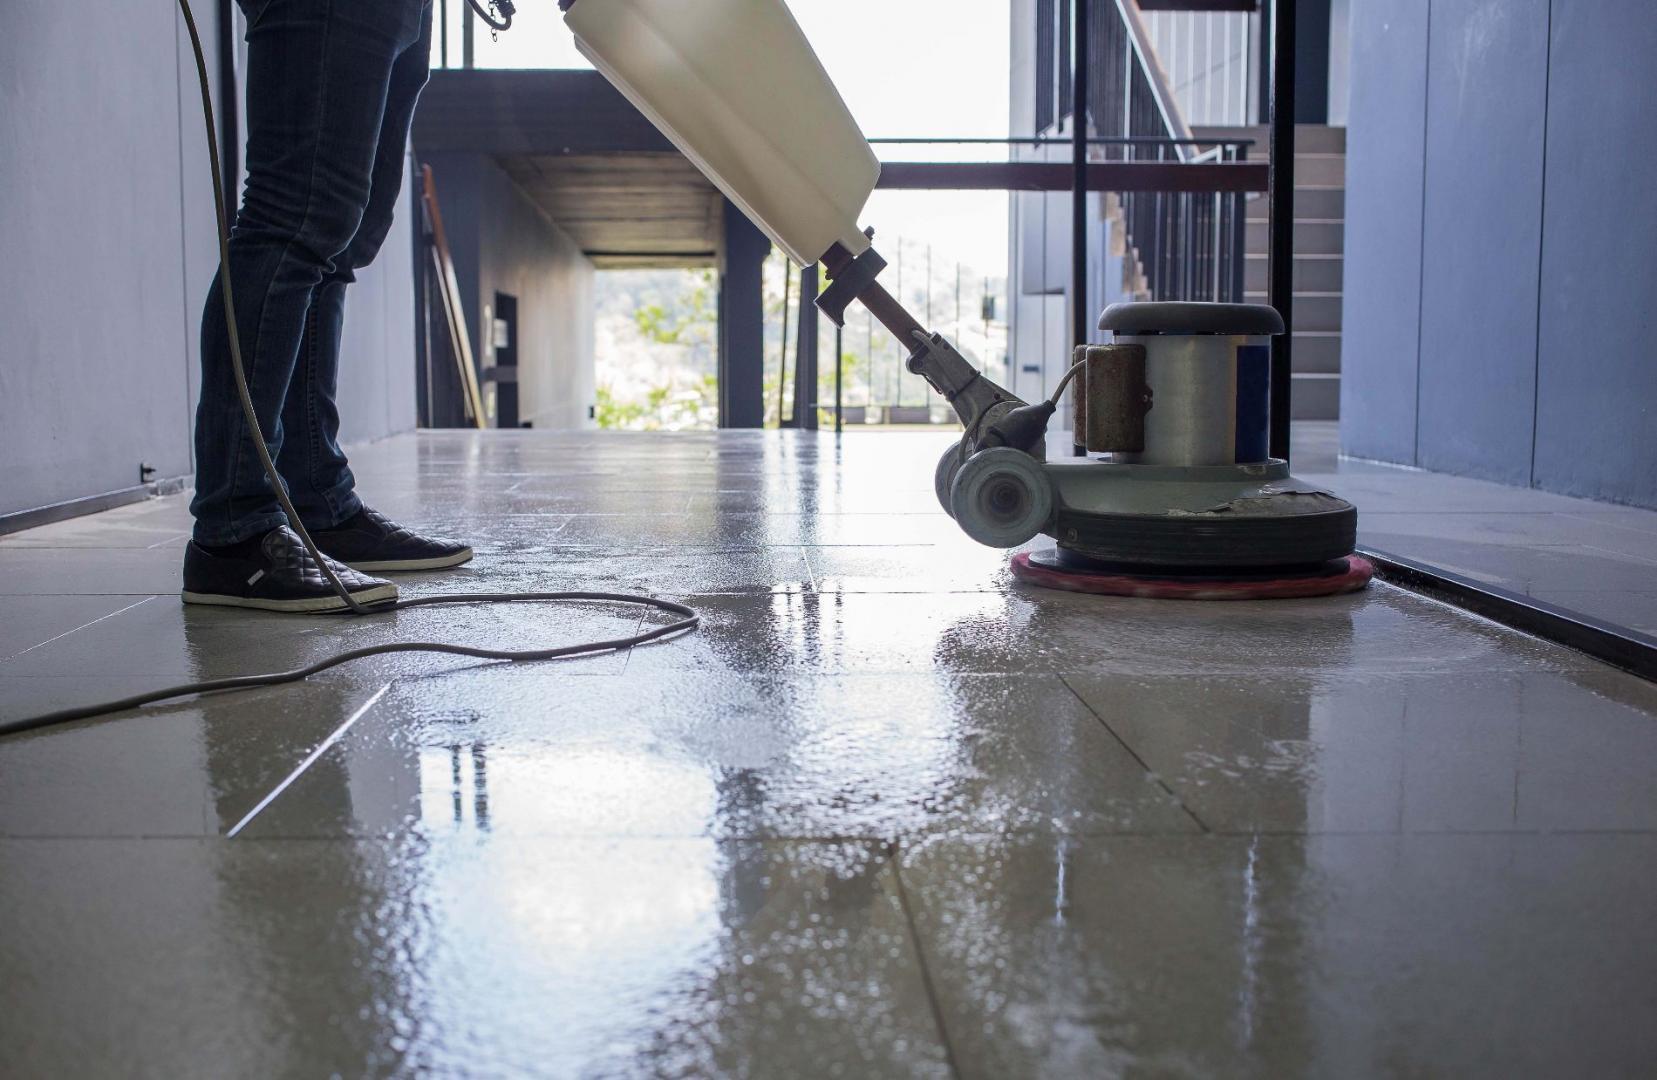 Nettoyage de copropriété : quels coûts pour un nettoyage de partie commune ?